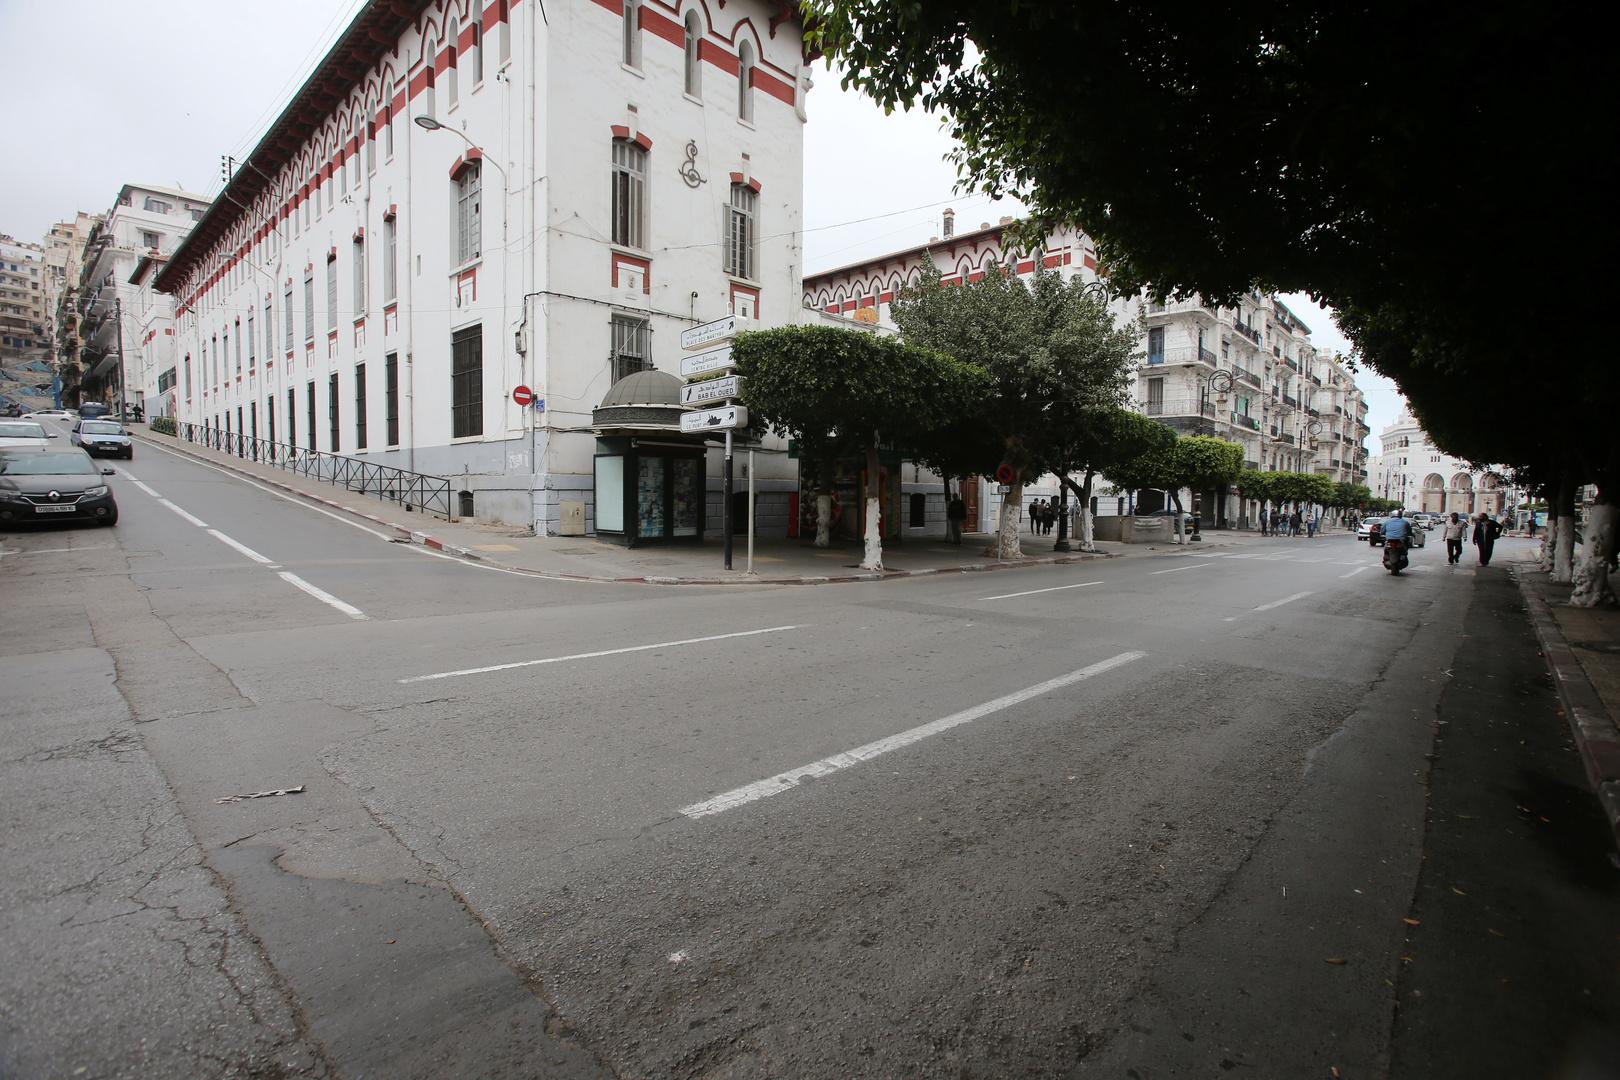 ثانوية عروج وخير الدين بربروس وسط مدينة الجزائر.